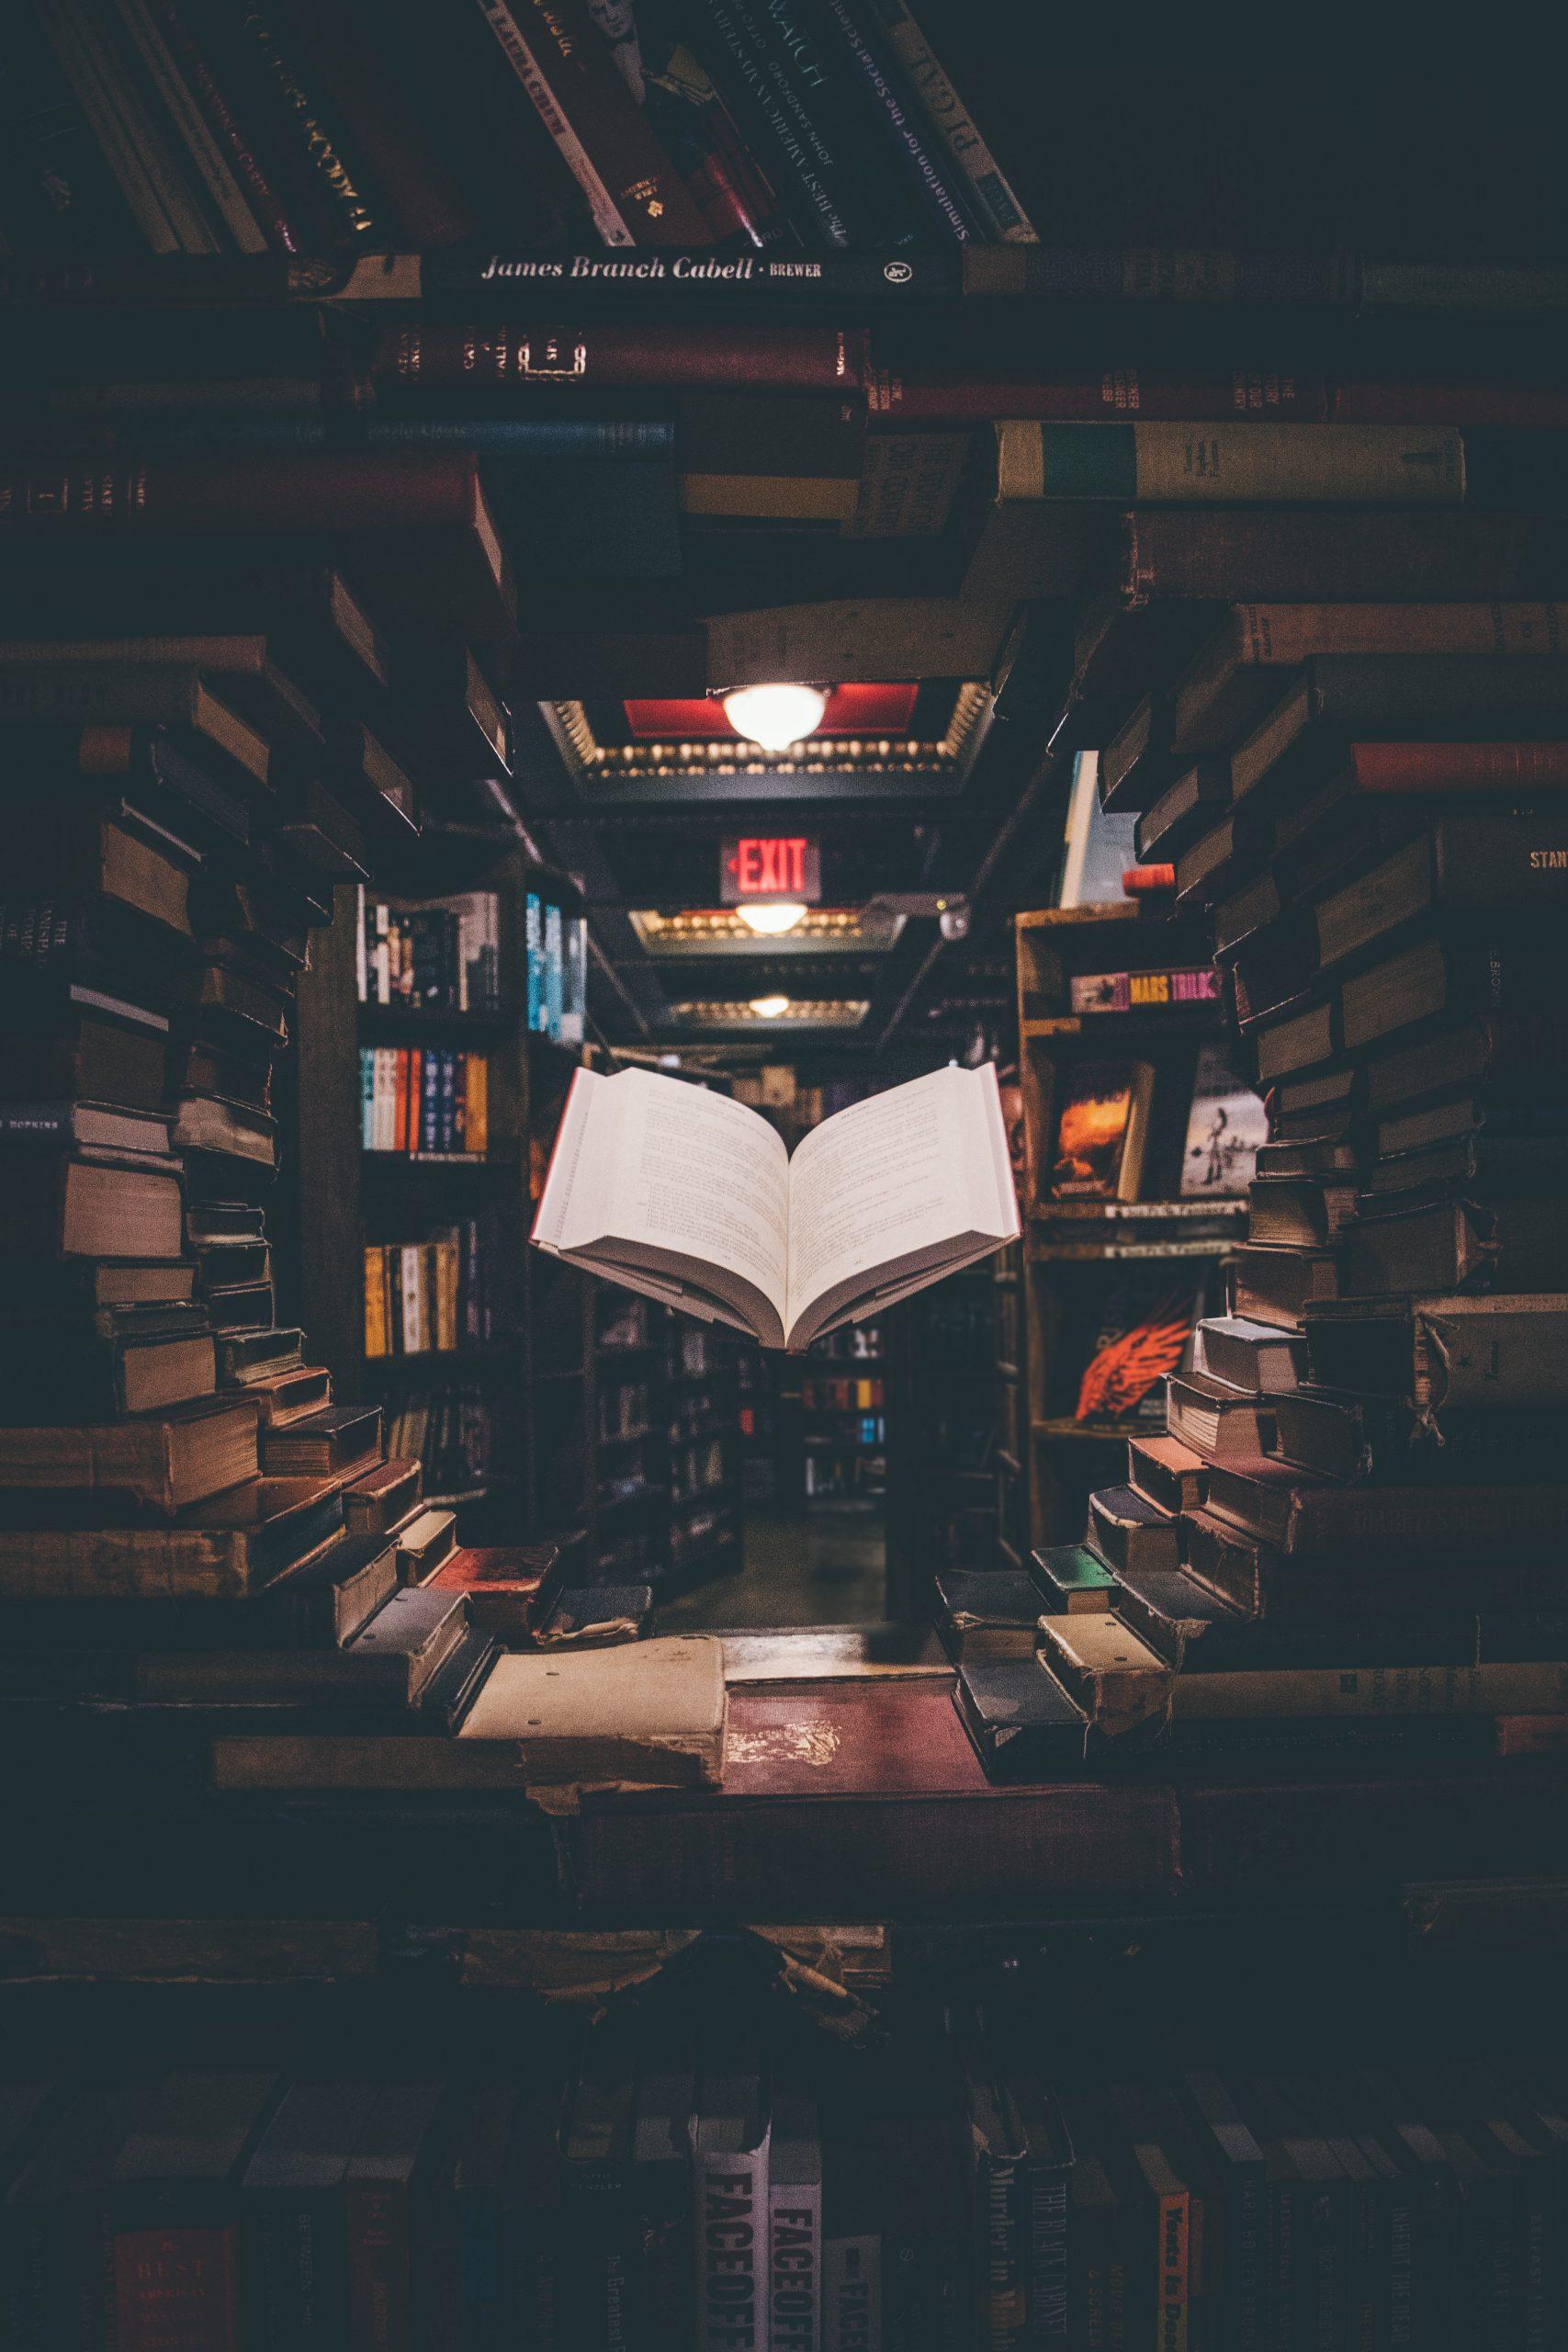 1,4 εκατομμύριο βιβλία για να διαβάζεις online